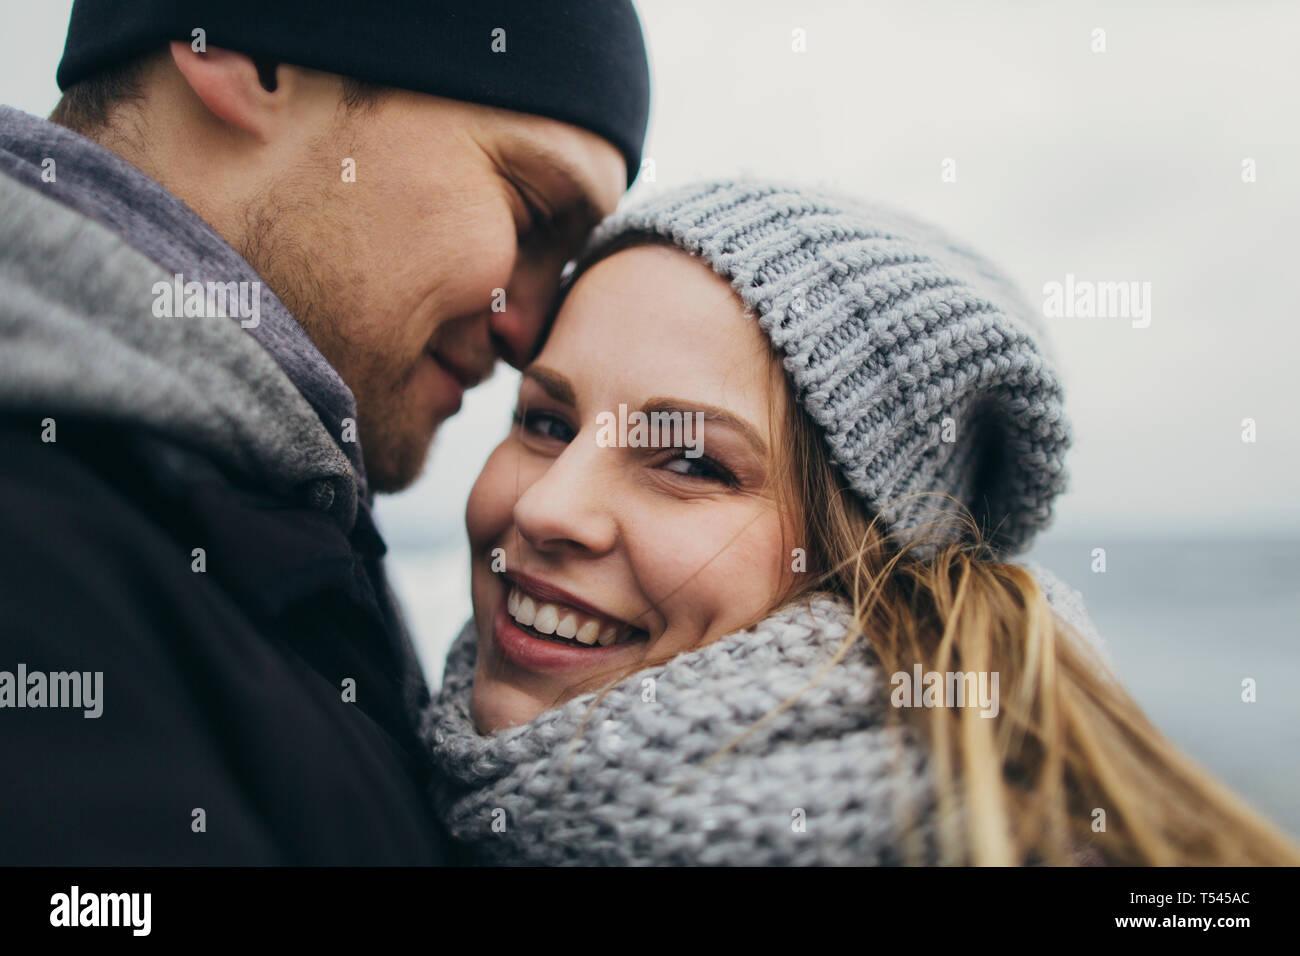 Junges Paar warme Kleidung tragen Stockfoto